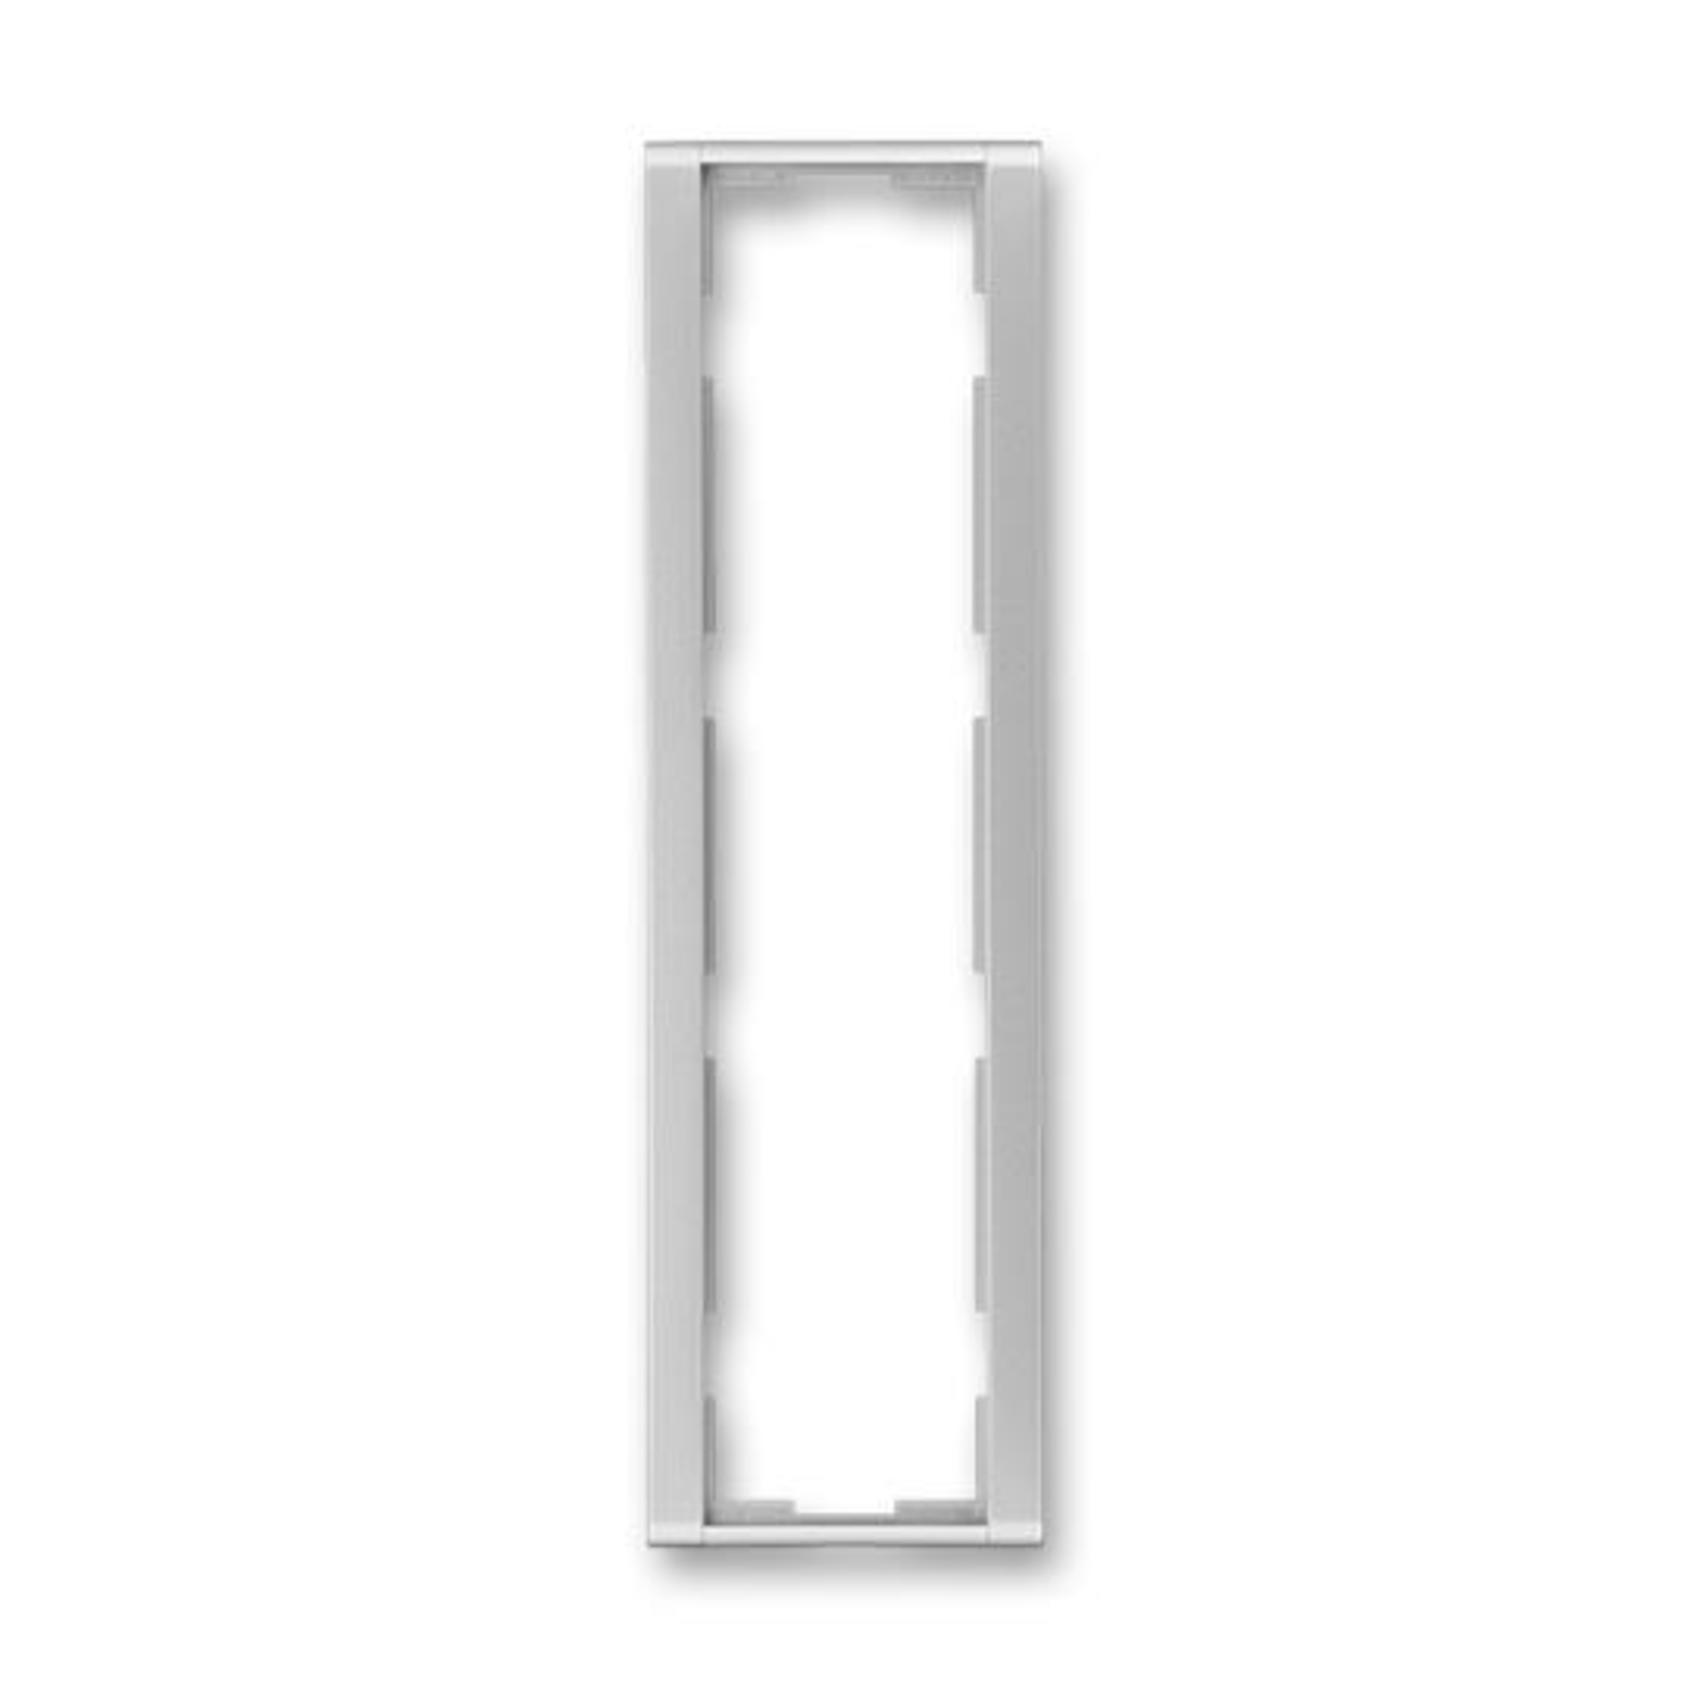 ABB 3901F-A00141 08 Time Rámeček čtyřnásobný, svislý